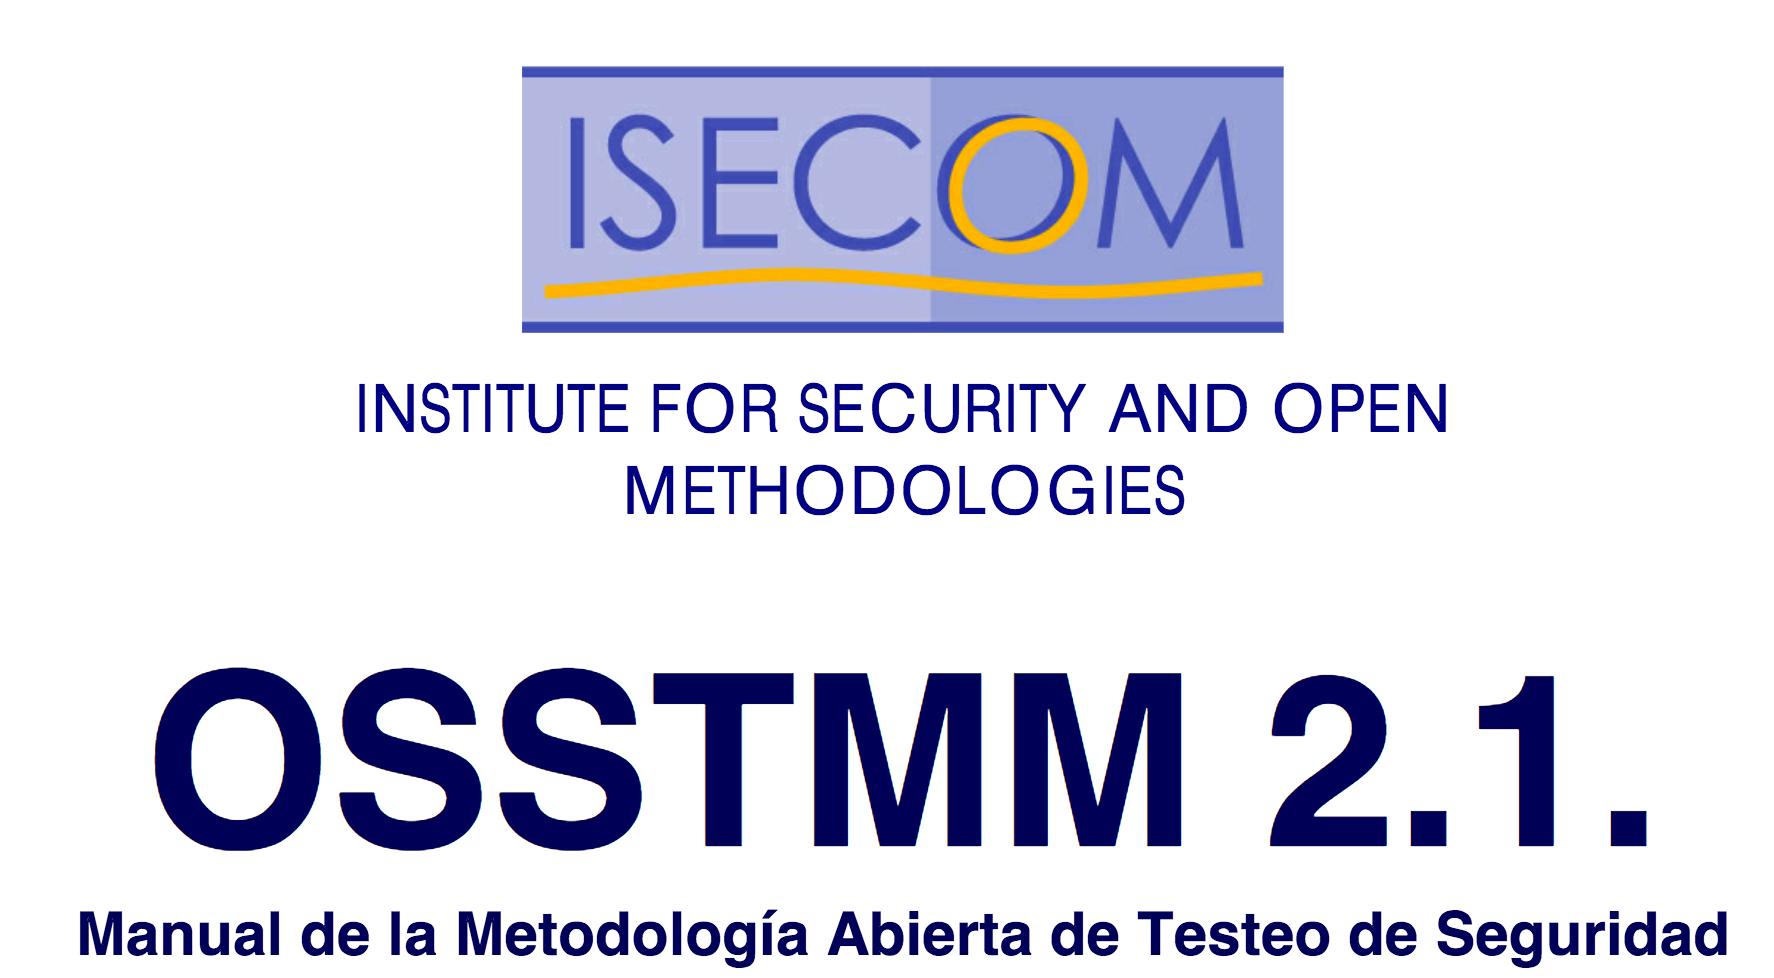 OSSTMM, Manual de la Metodología Abierta de Testeo de Seguridad